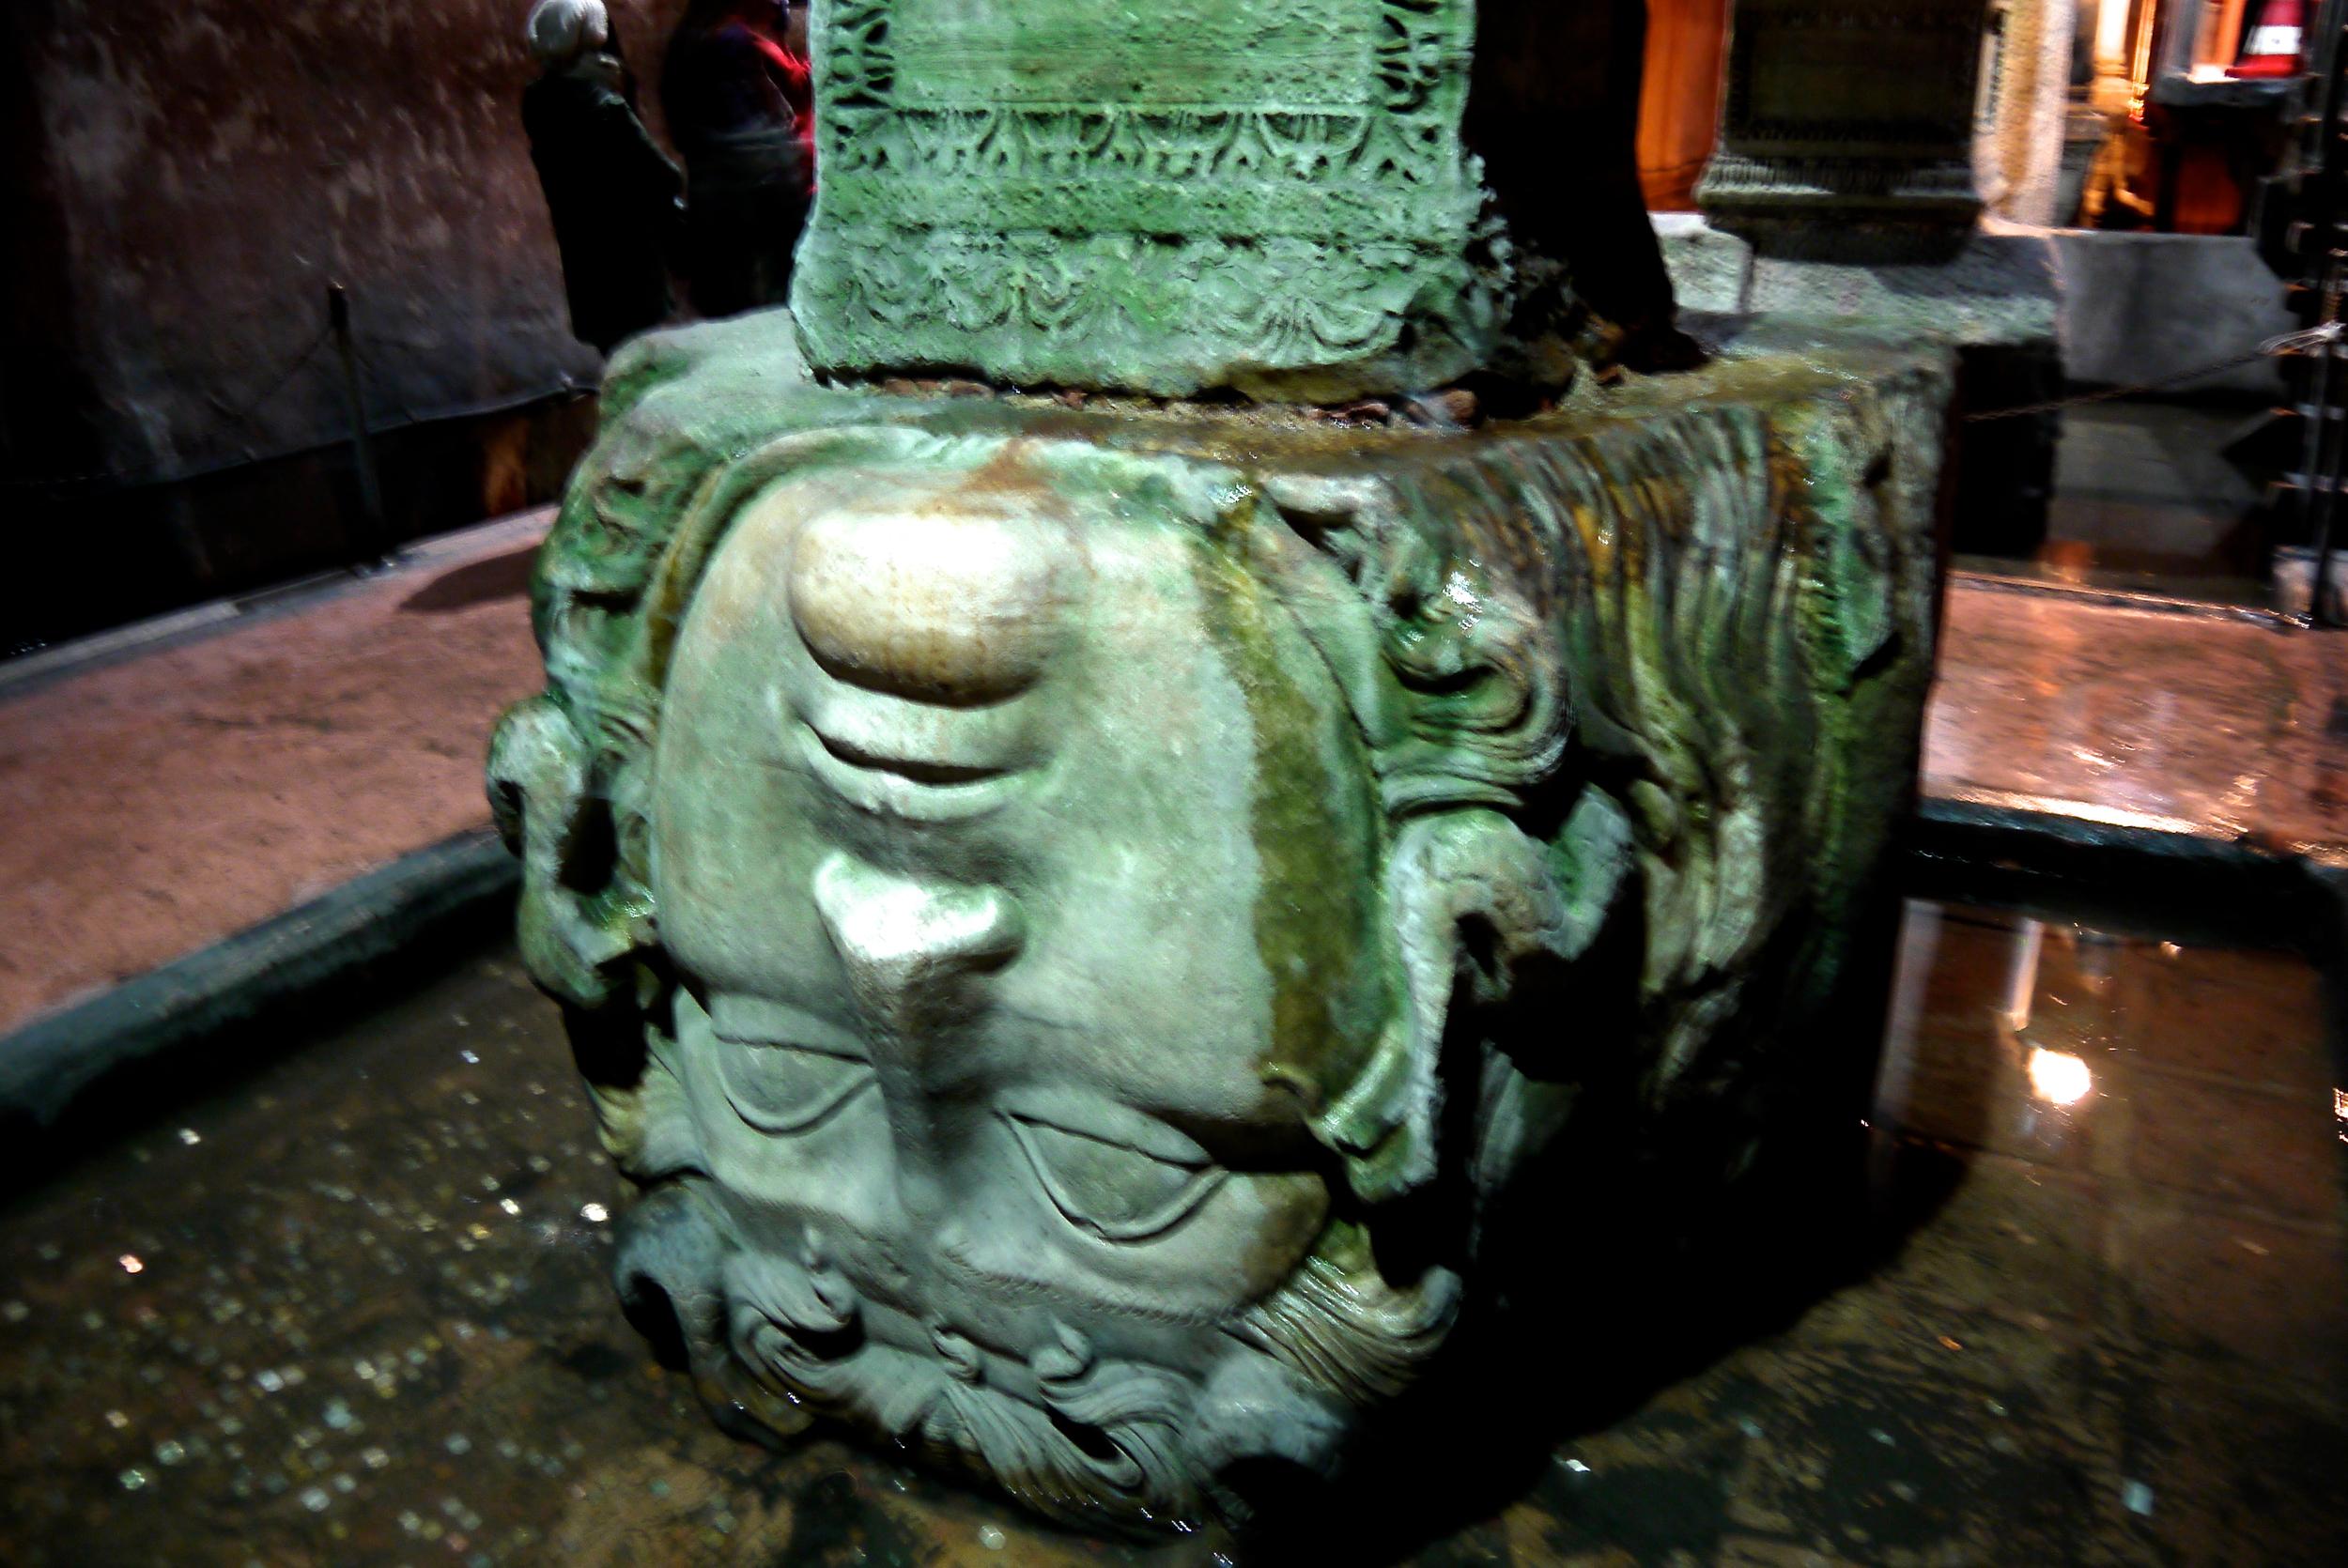 Figure 3. Upside down Medusa head